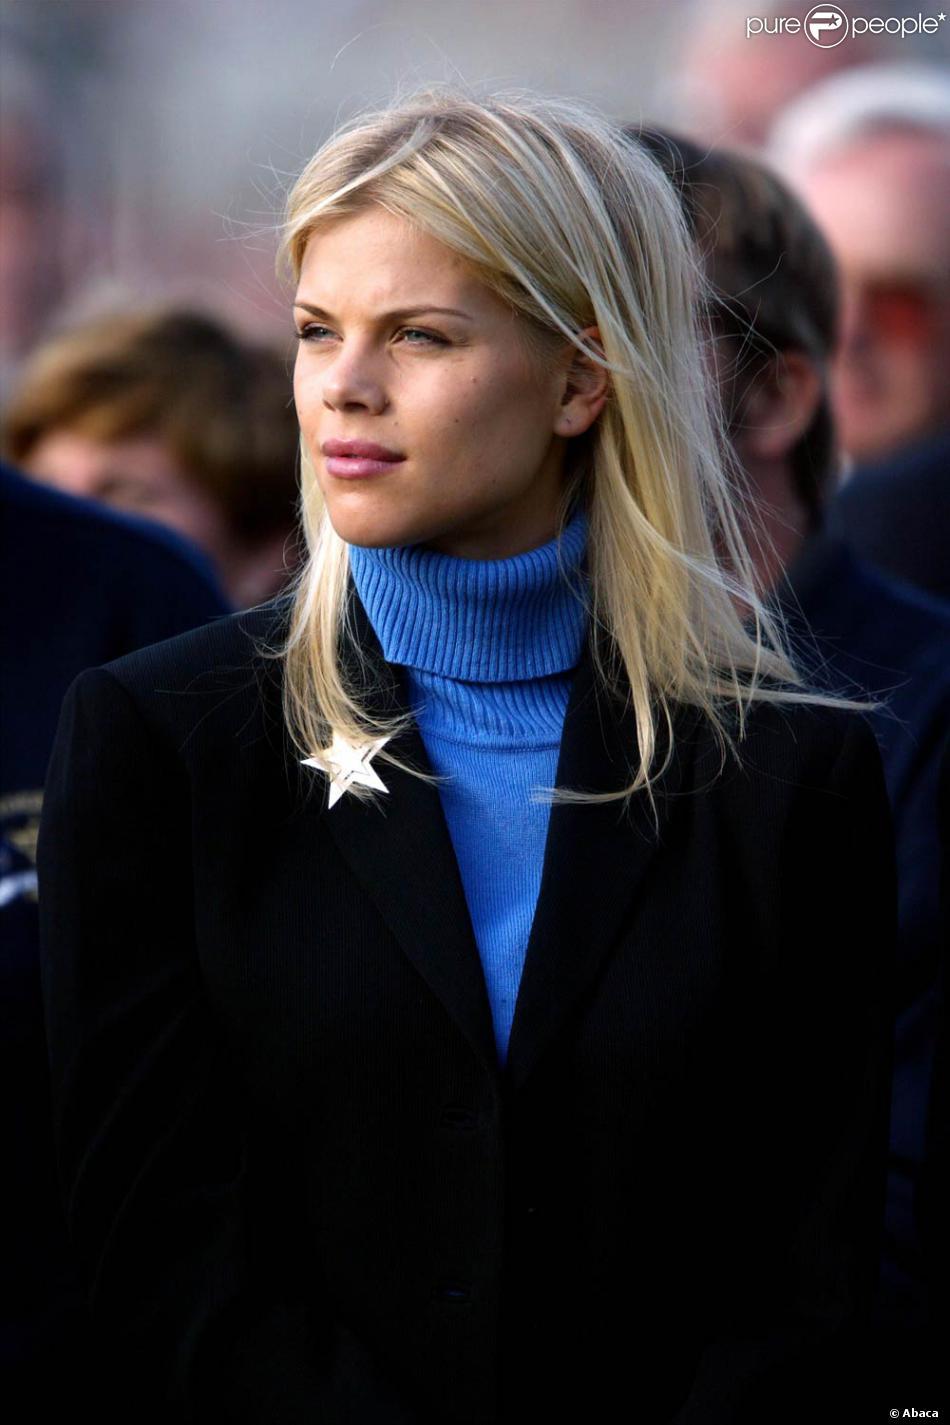 Femme Suedoise la ravissante et ex-mannequin suédois elin nordegren, femme de tiger